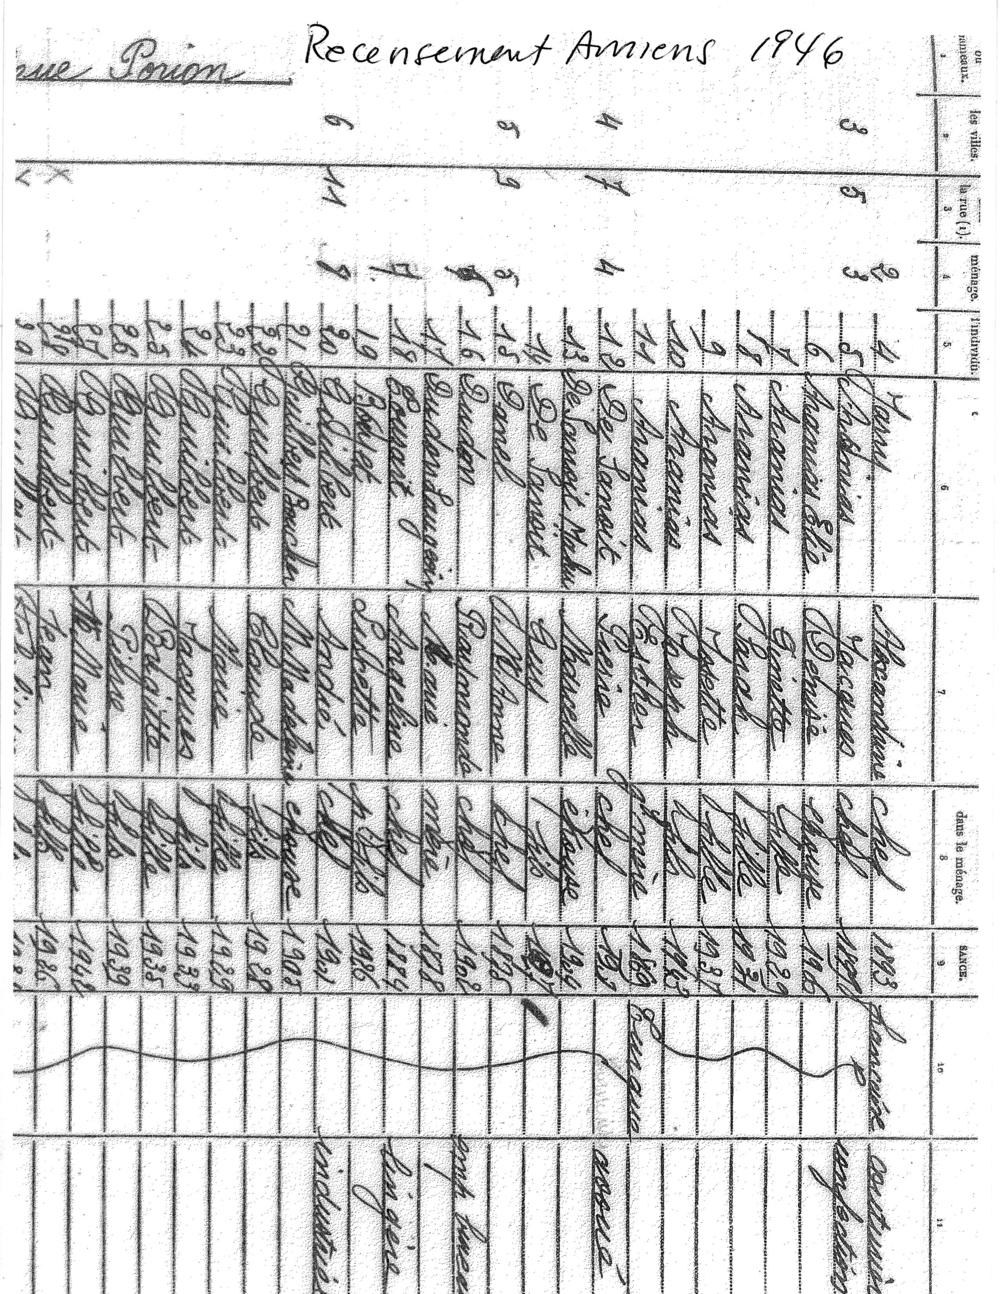 Census1946(2).jpg